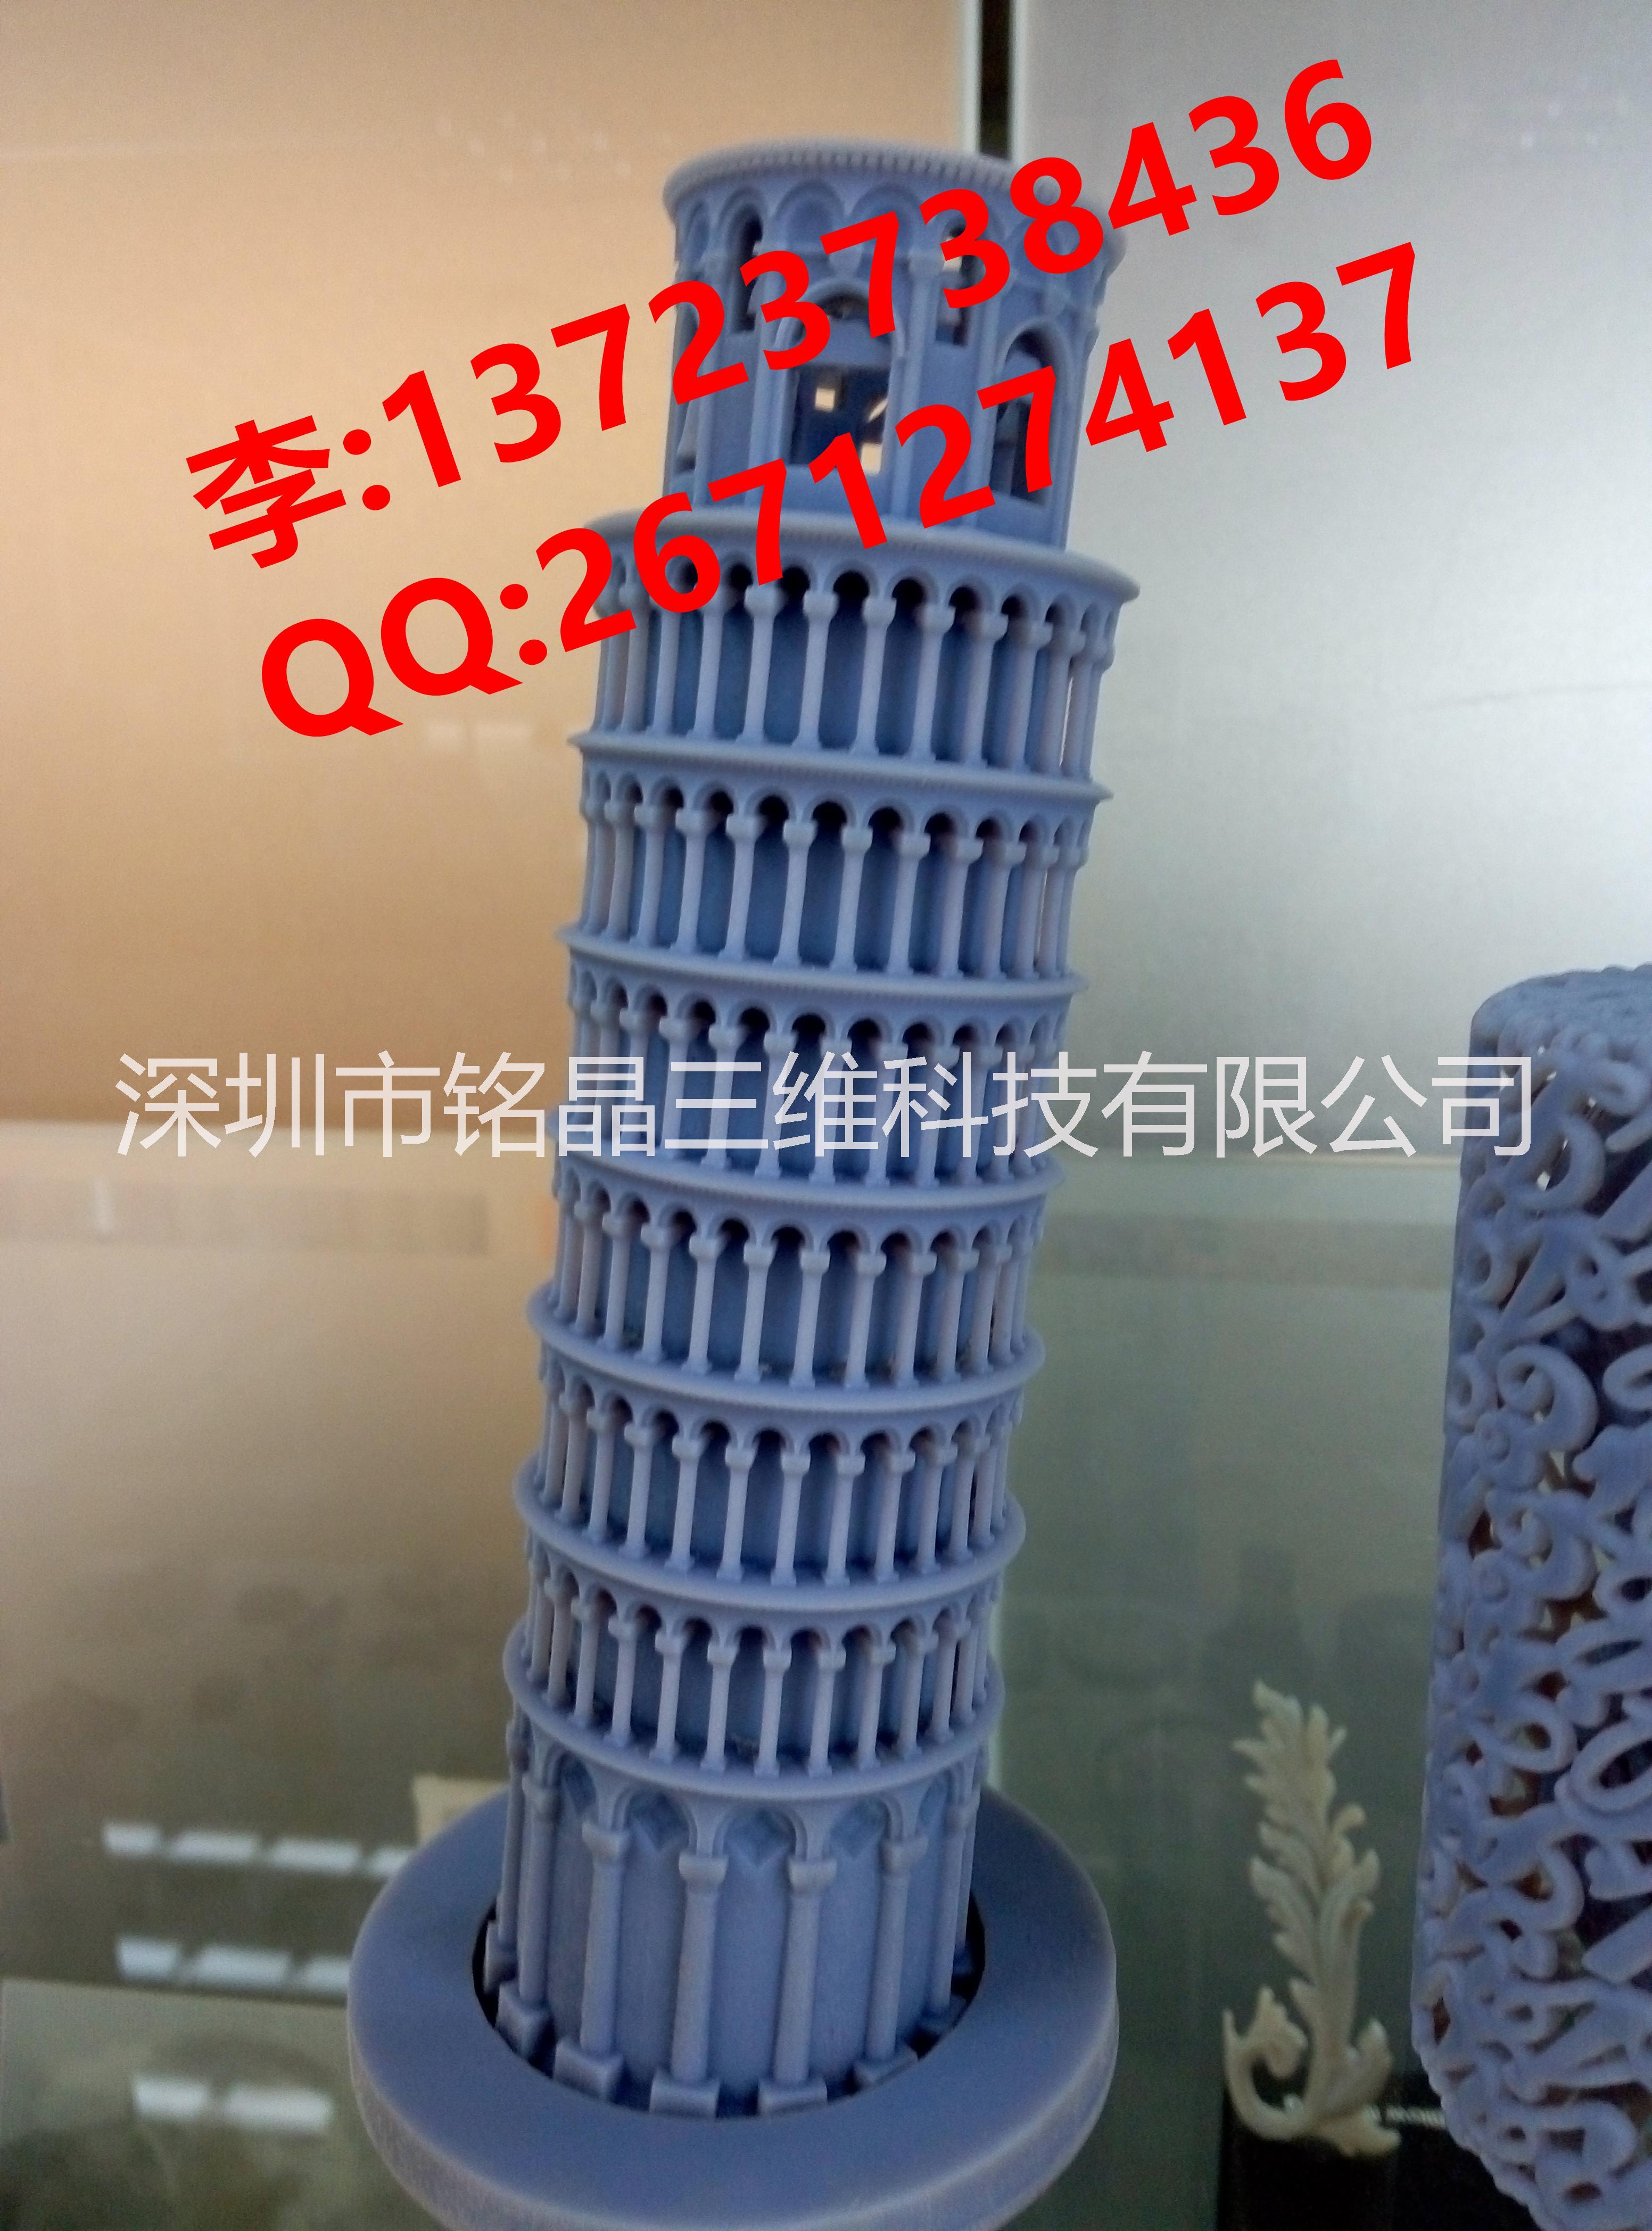 广州3D打印建筑模型|佛山建筑模型3D打印|沙盘 设计